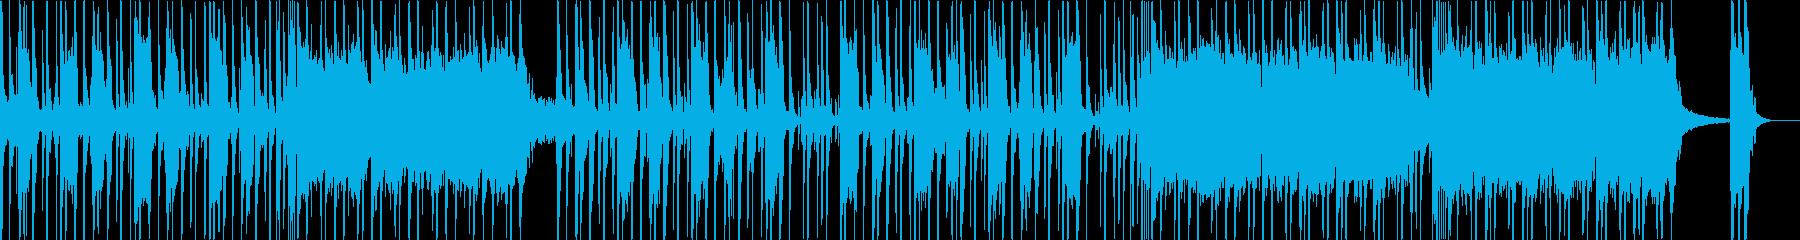 ノリの良いファンク風フュージョンの再生済みの波形